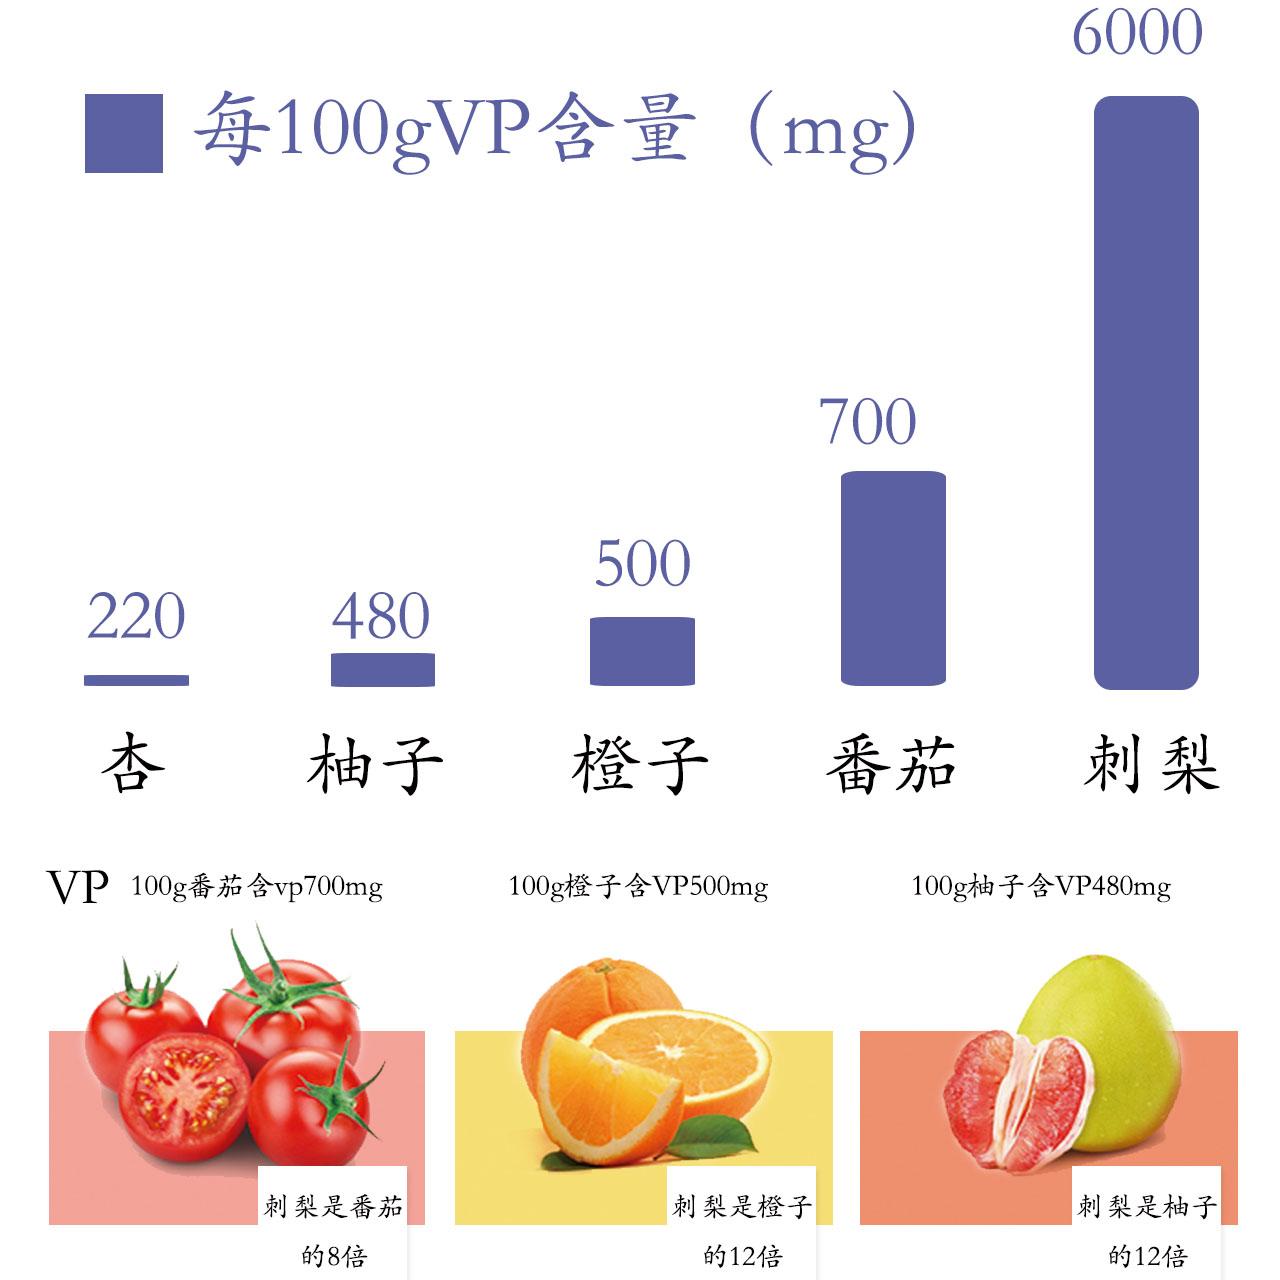 刺梨富含物质